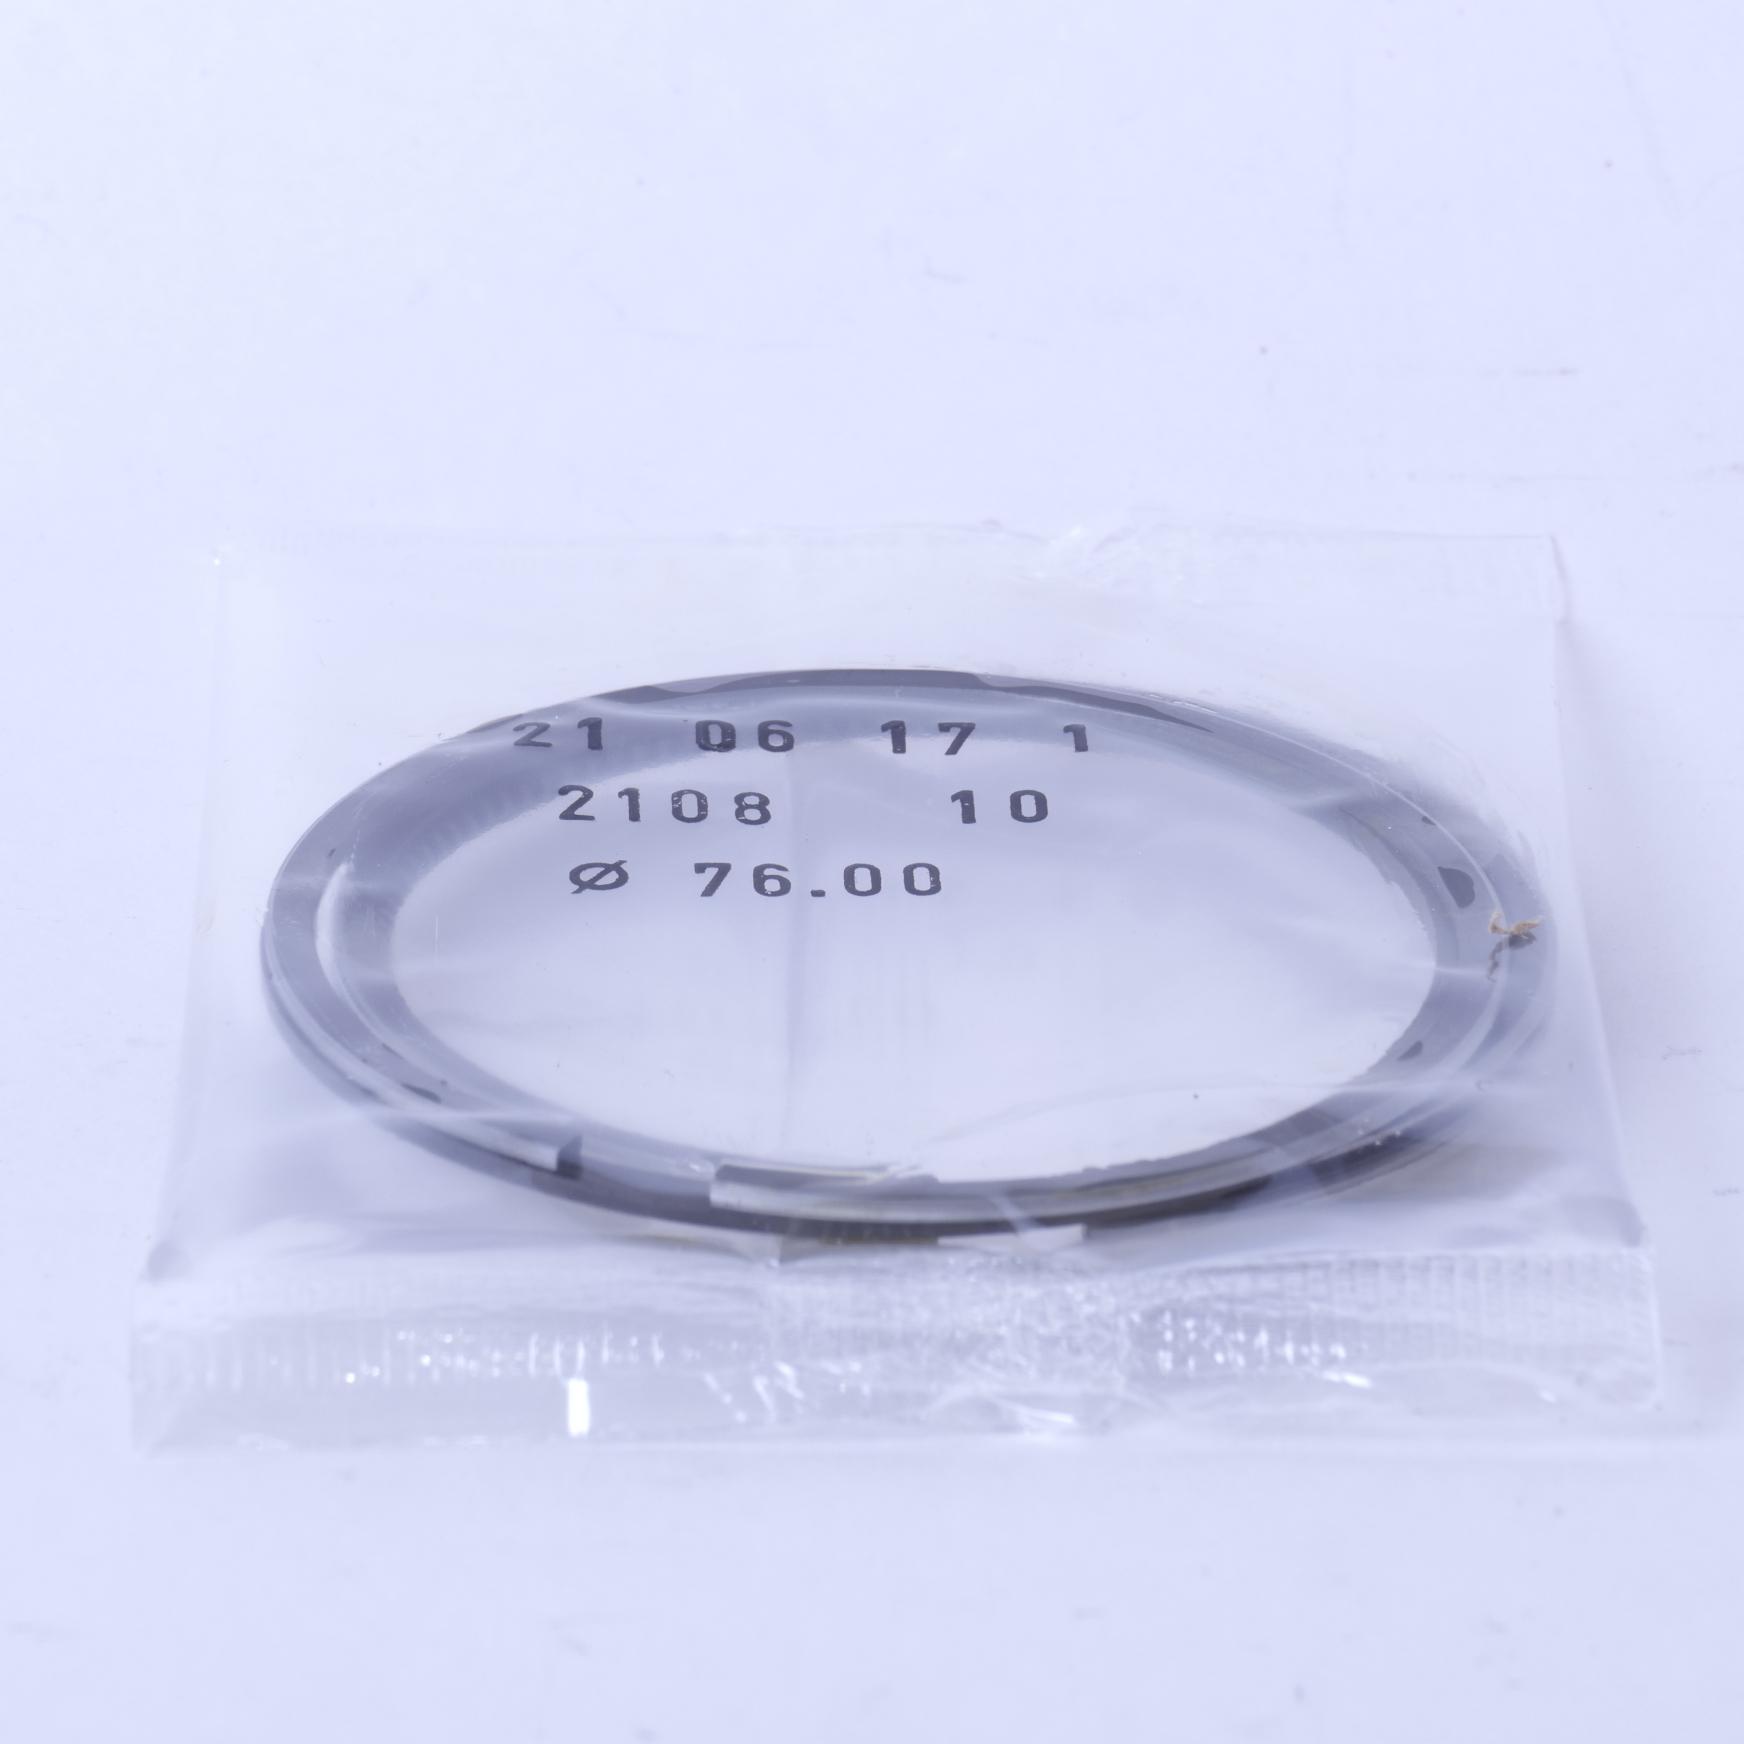 Комплект поршневых колец ВАЗ-2101 … -21099, основной размер (d=76,0)